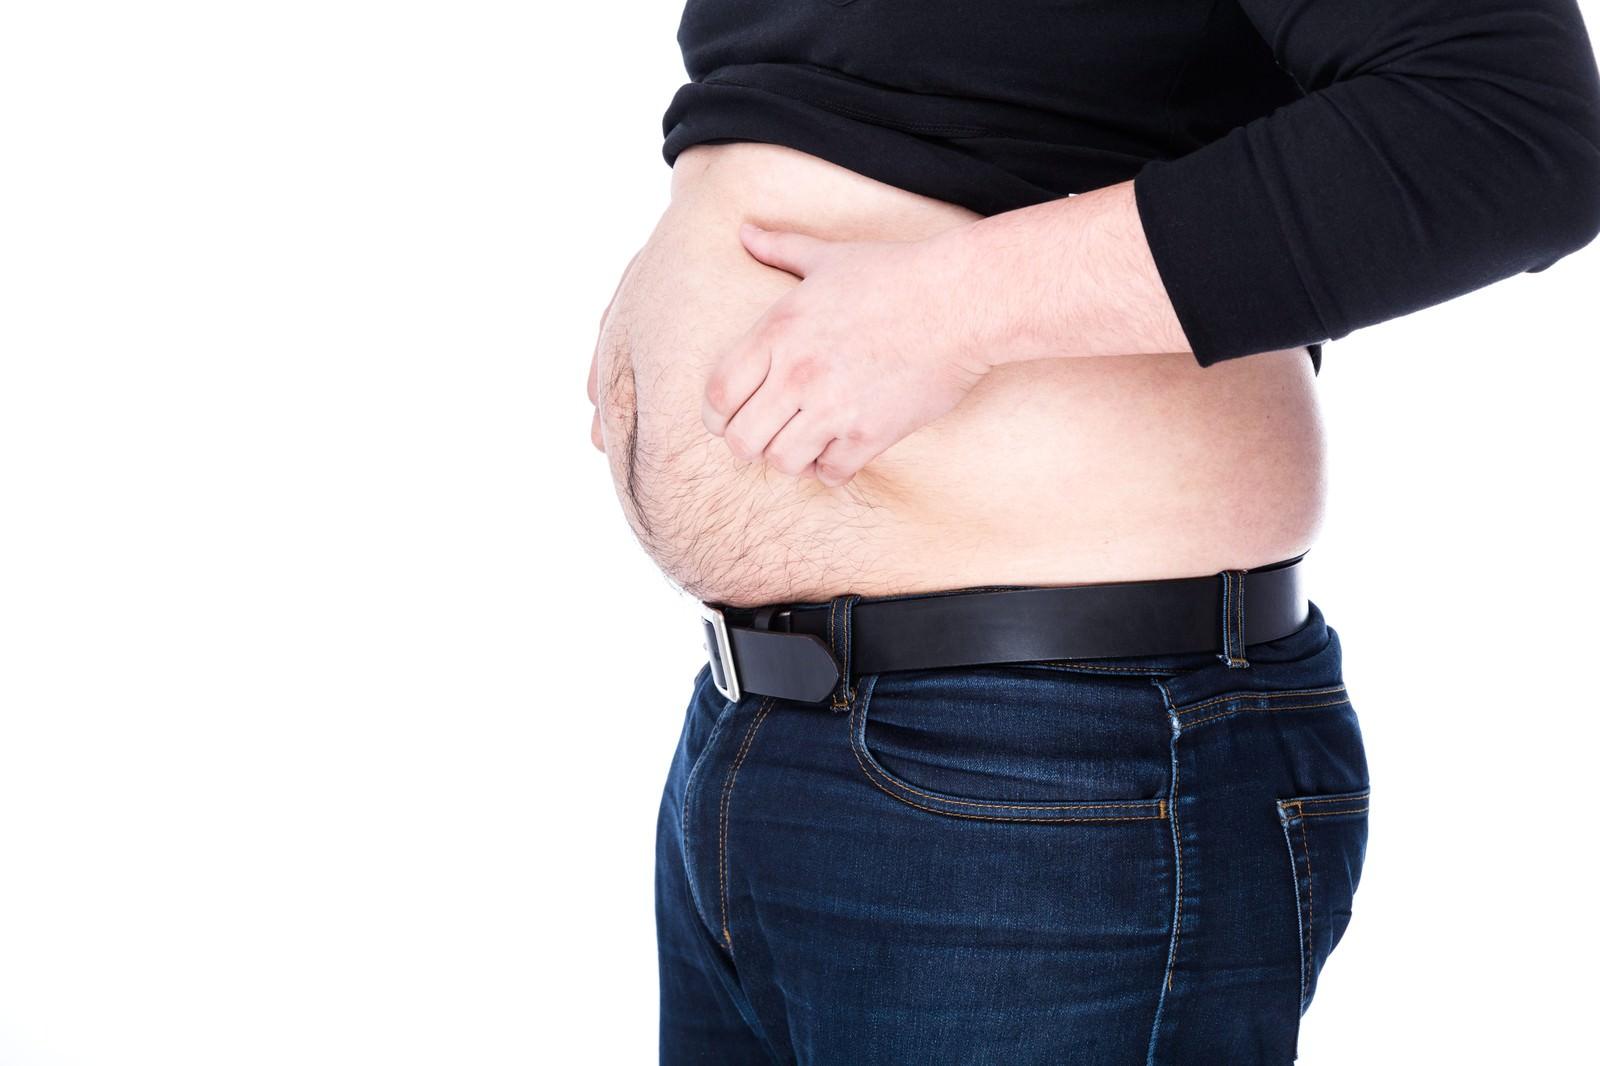 「肥満界で流行中のヘソだしルック   写真の無料素材・フリー素材 - ぱくたそ」の写真[モデル:朽木誠一郎]